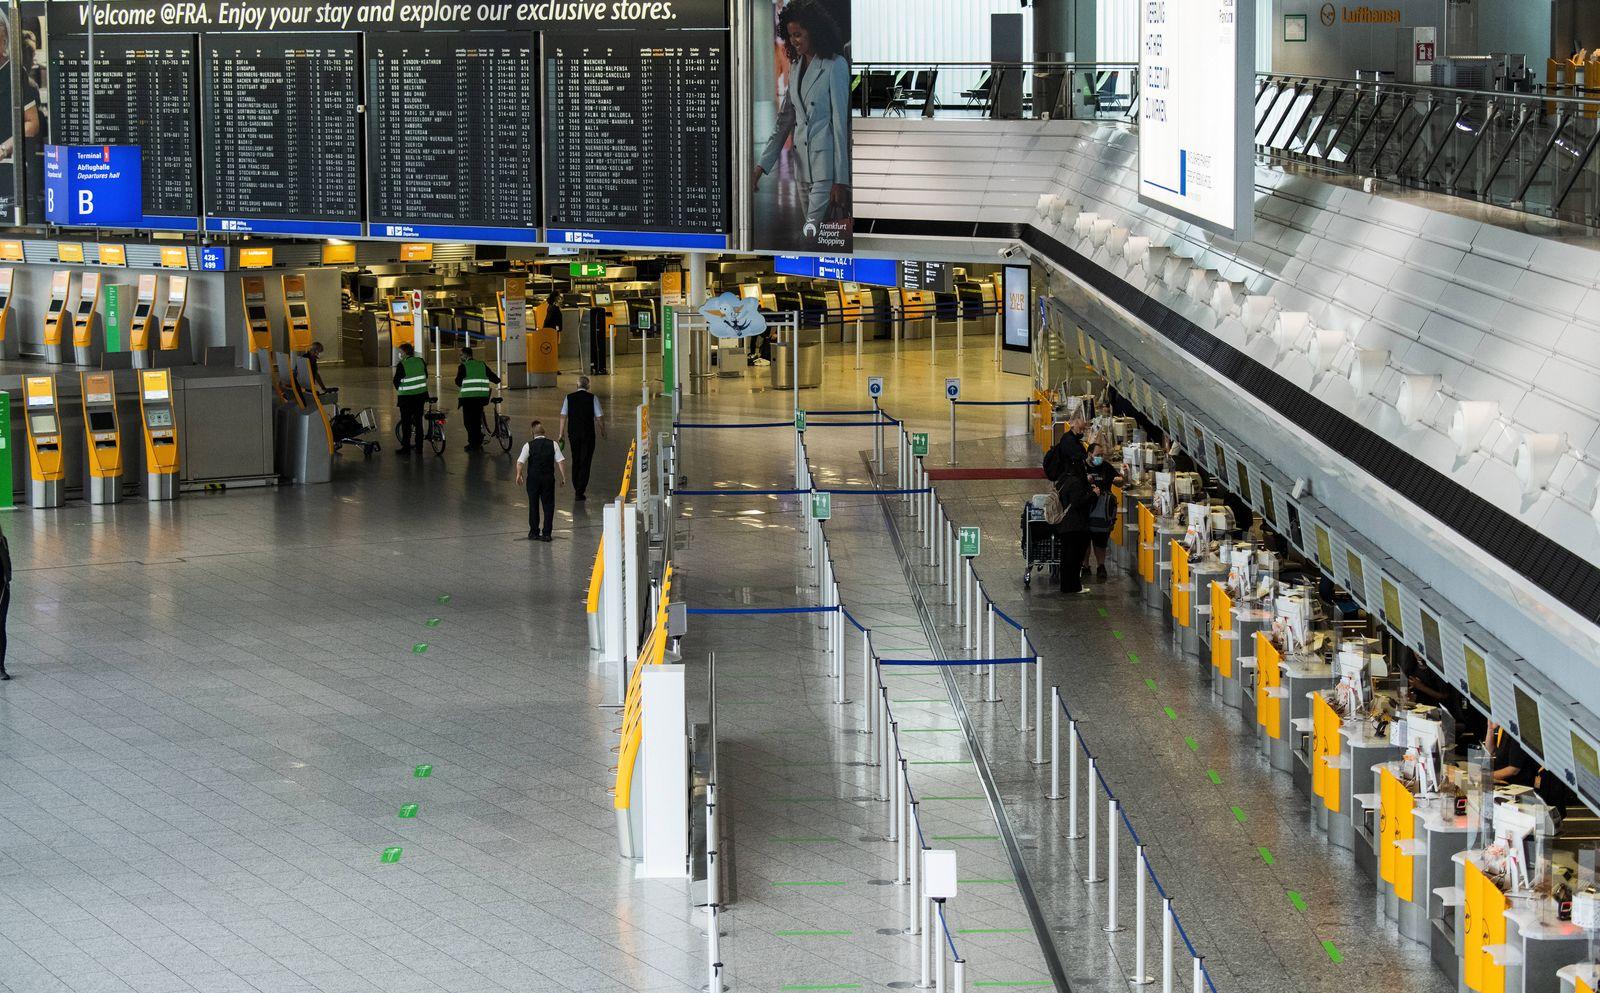 Fraport, Suche nach Urlaubsreisenden 15.06.2020 Frankfurt (Hessen) x1x Flughafen Fraport, Suche nach Urlaubsreisenden am